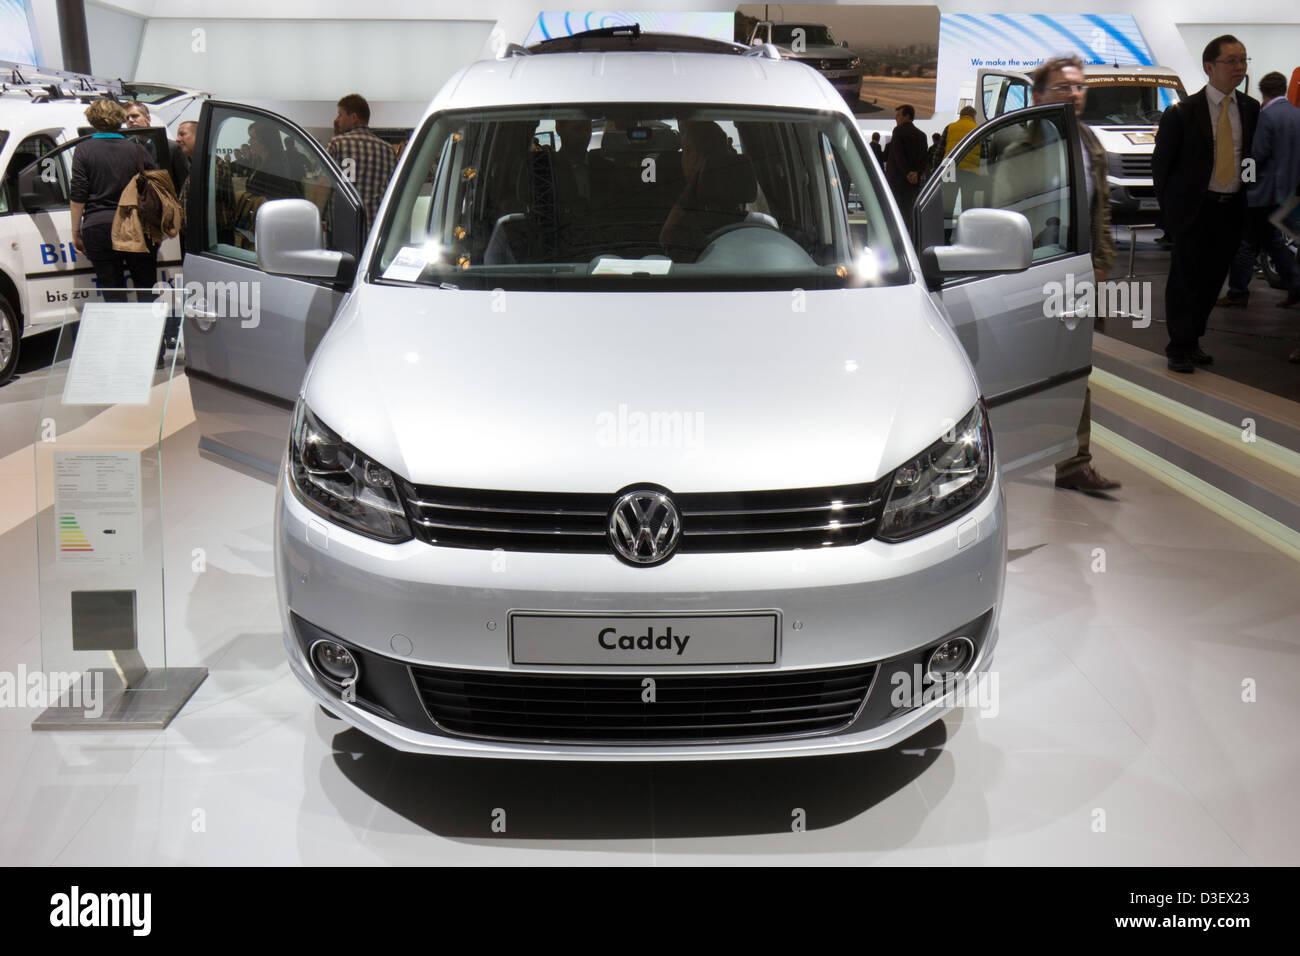 Großzügig Draht Caddy Wagen Ideen - Der Schaltplan - greigo.com